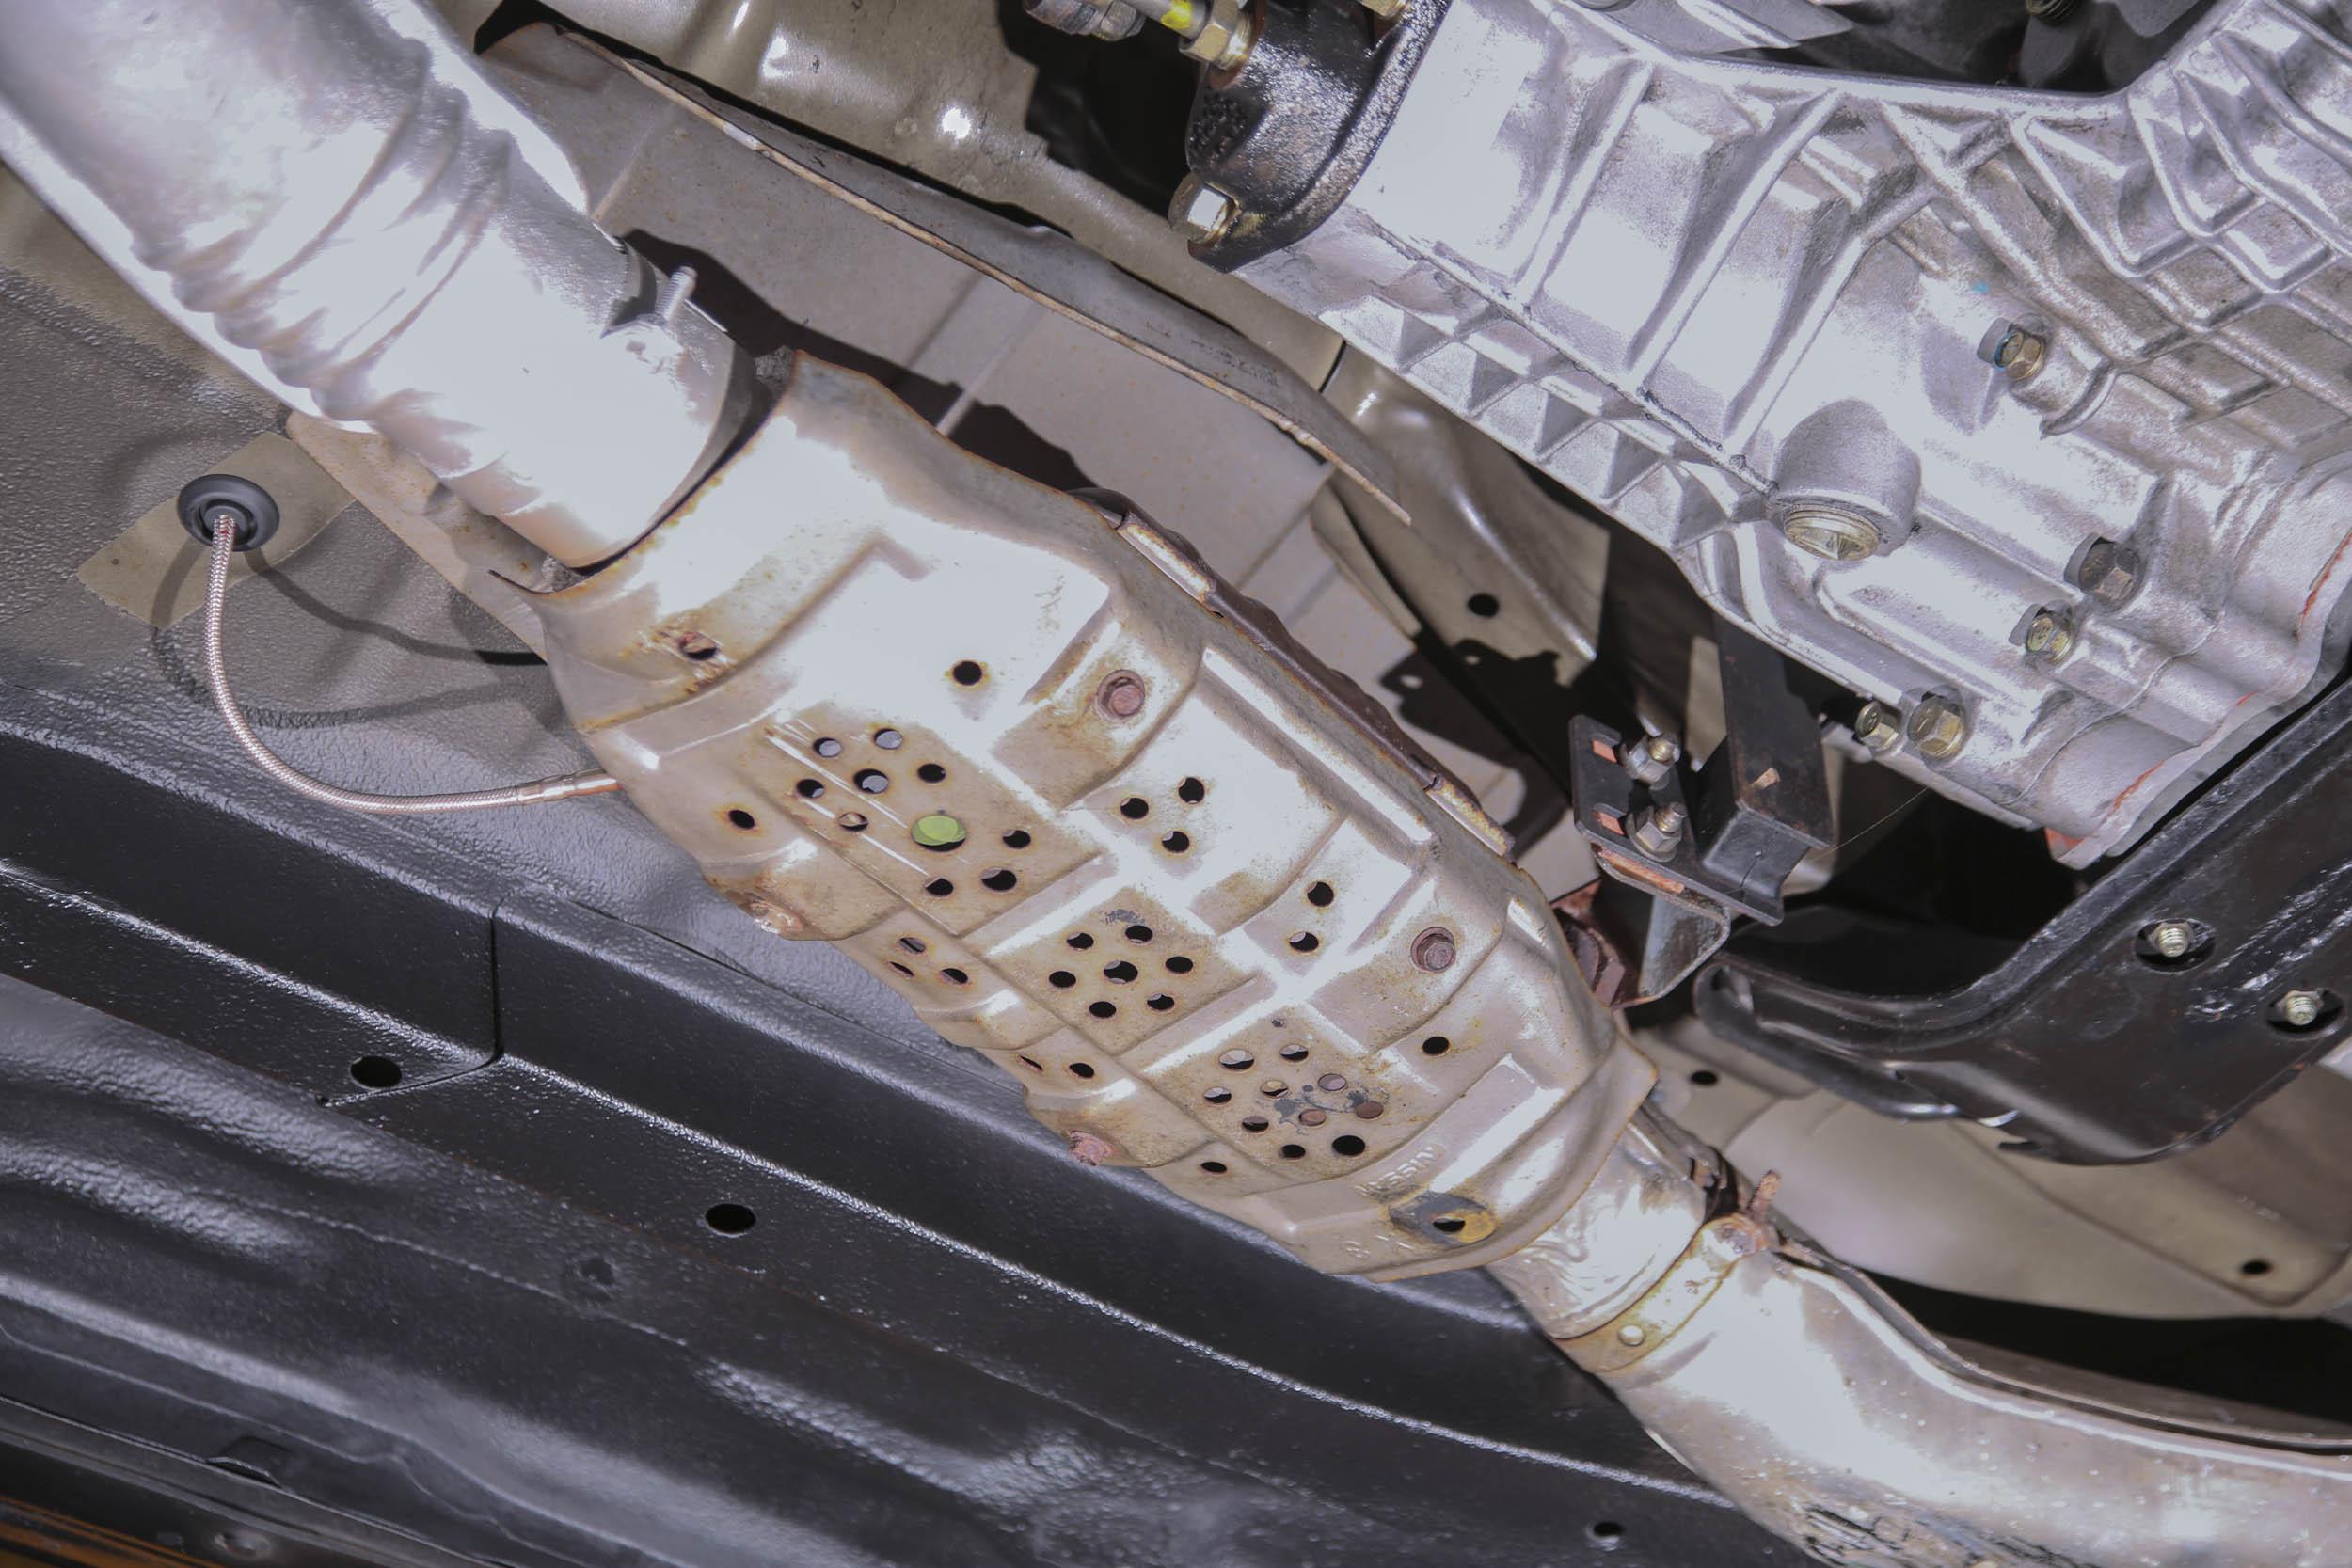 Nissan R32 GT-R Catalytic Converter